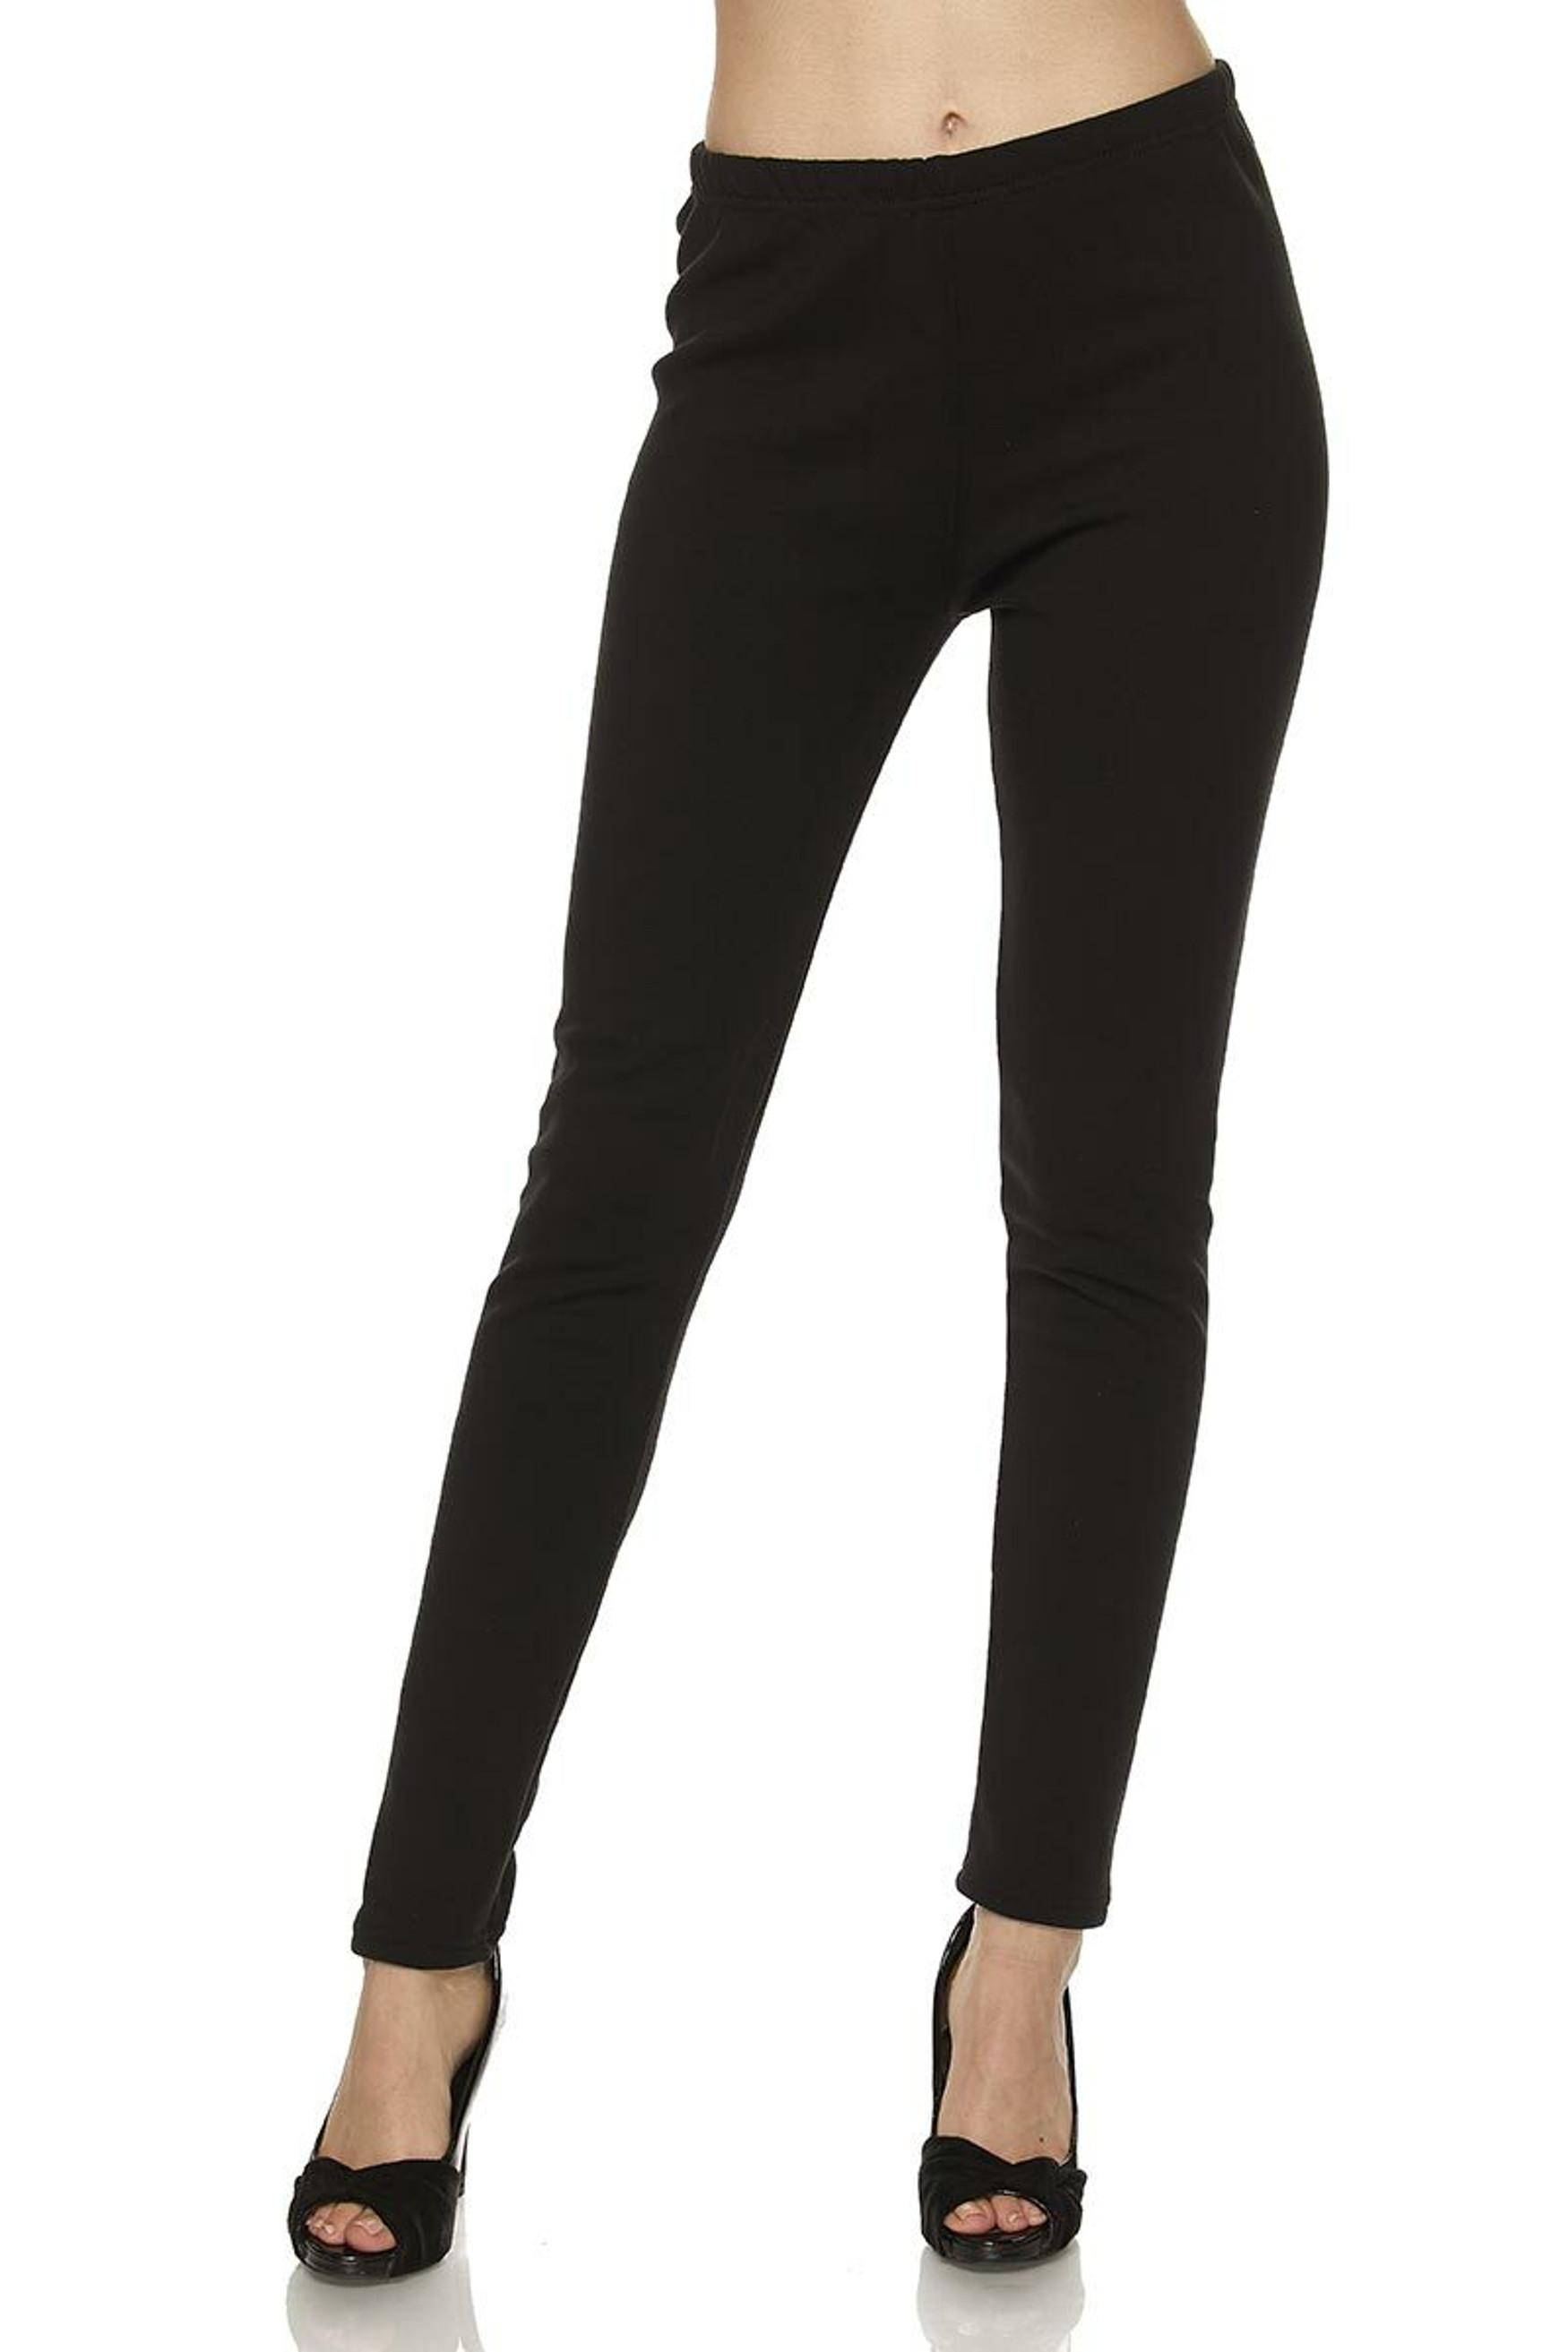 Wholesale Solid Warm Fur Lined Plus Size Leggings